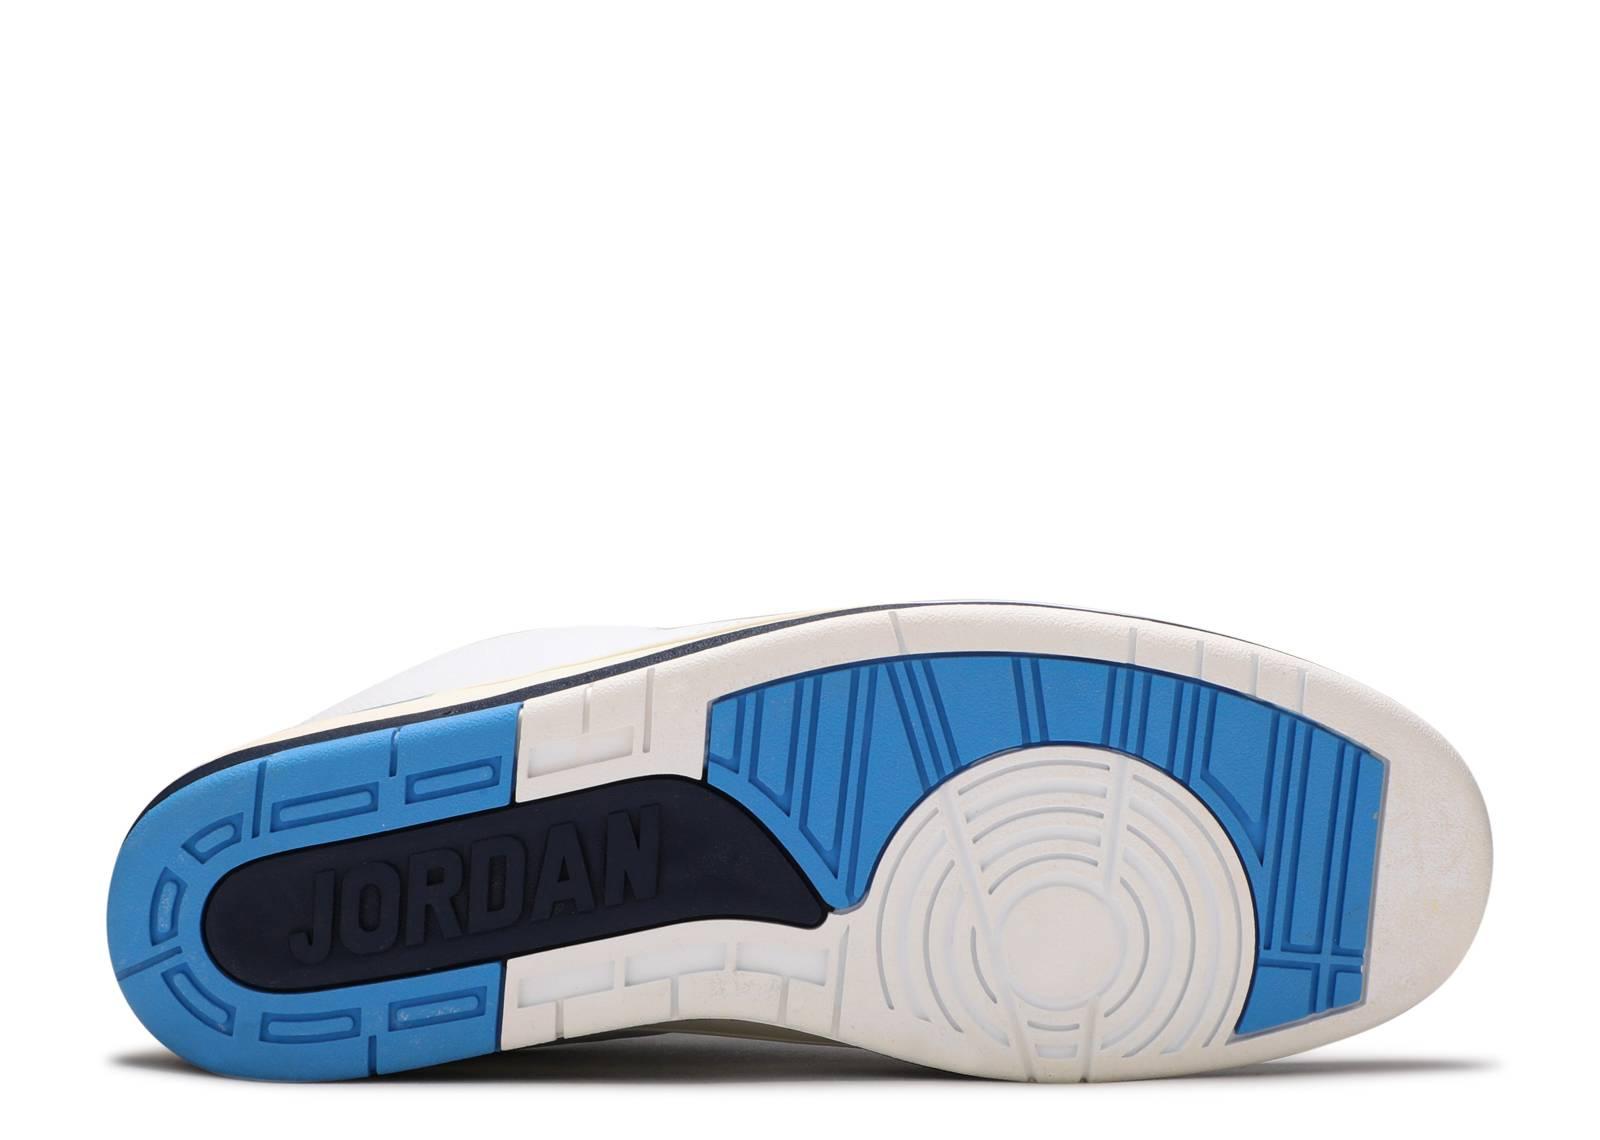 new product fe37b f3b04 Air Jordan 2 Retro Low